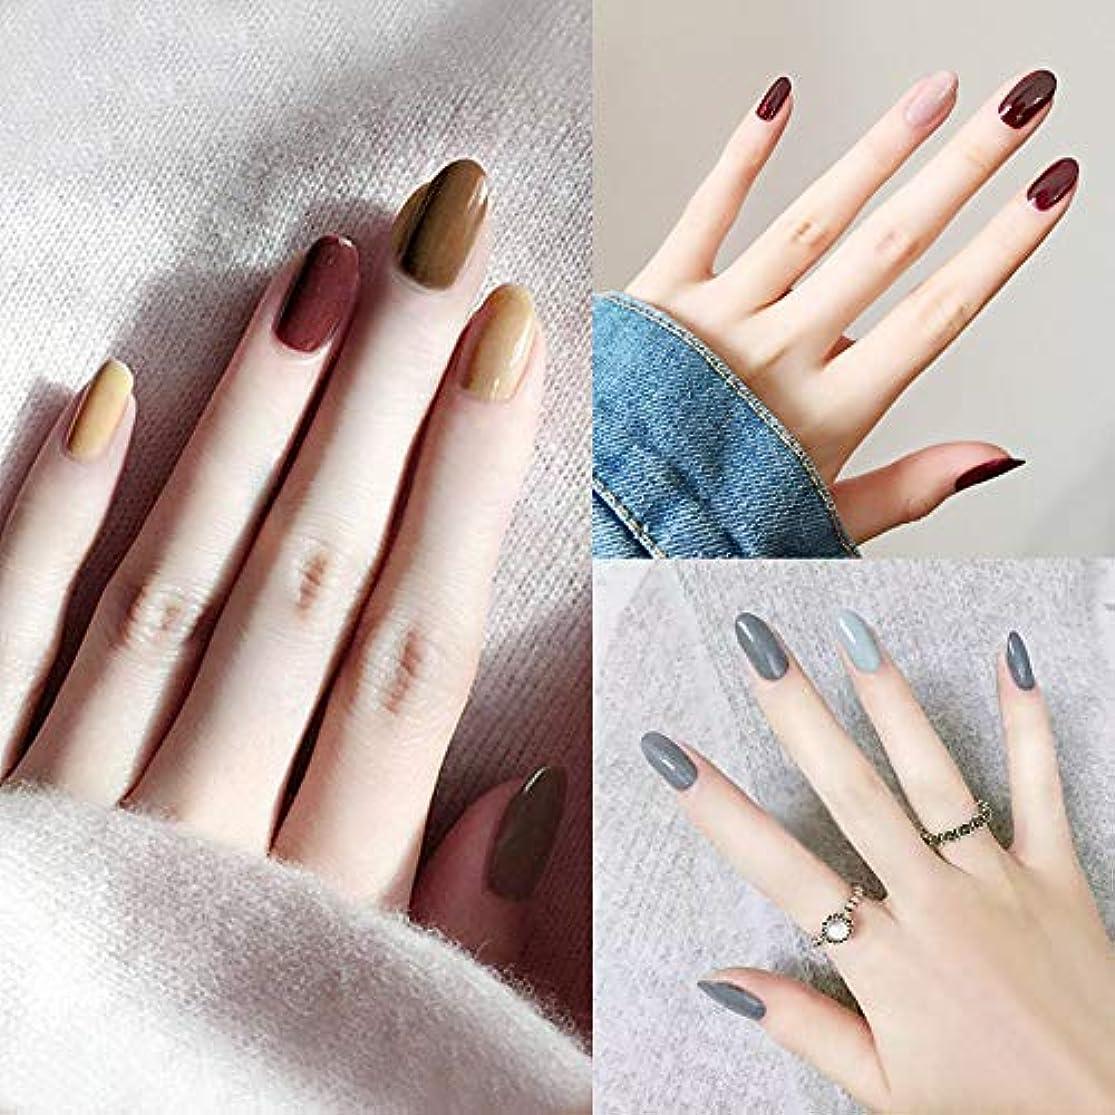 ファッションレッドクリームインクハリスタイル偽爪純粋な色偽爪24ピースフルブライダルネイルのヒント滑らかな指装飾のヒント接着剤付き人工爪